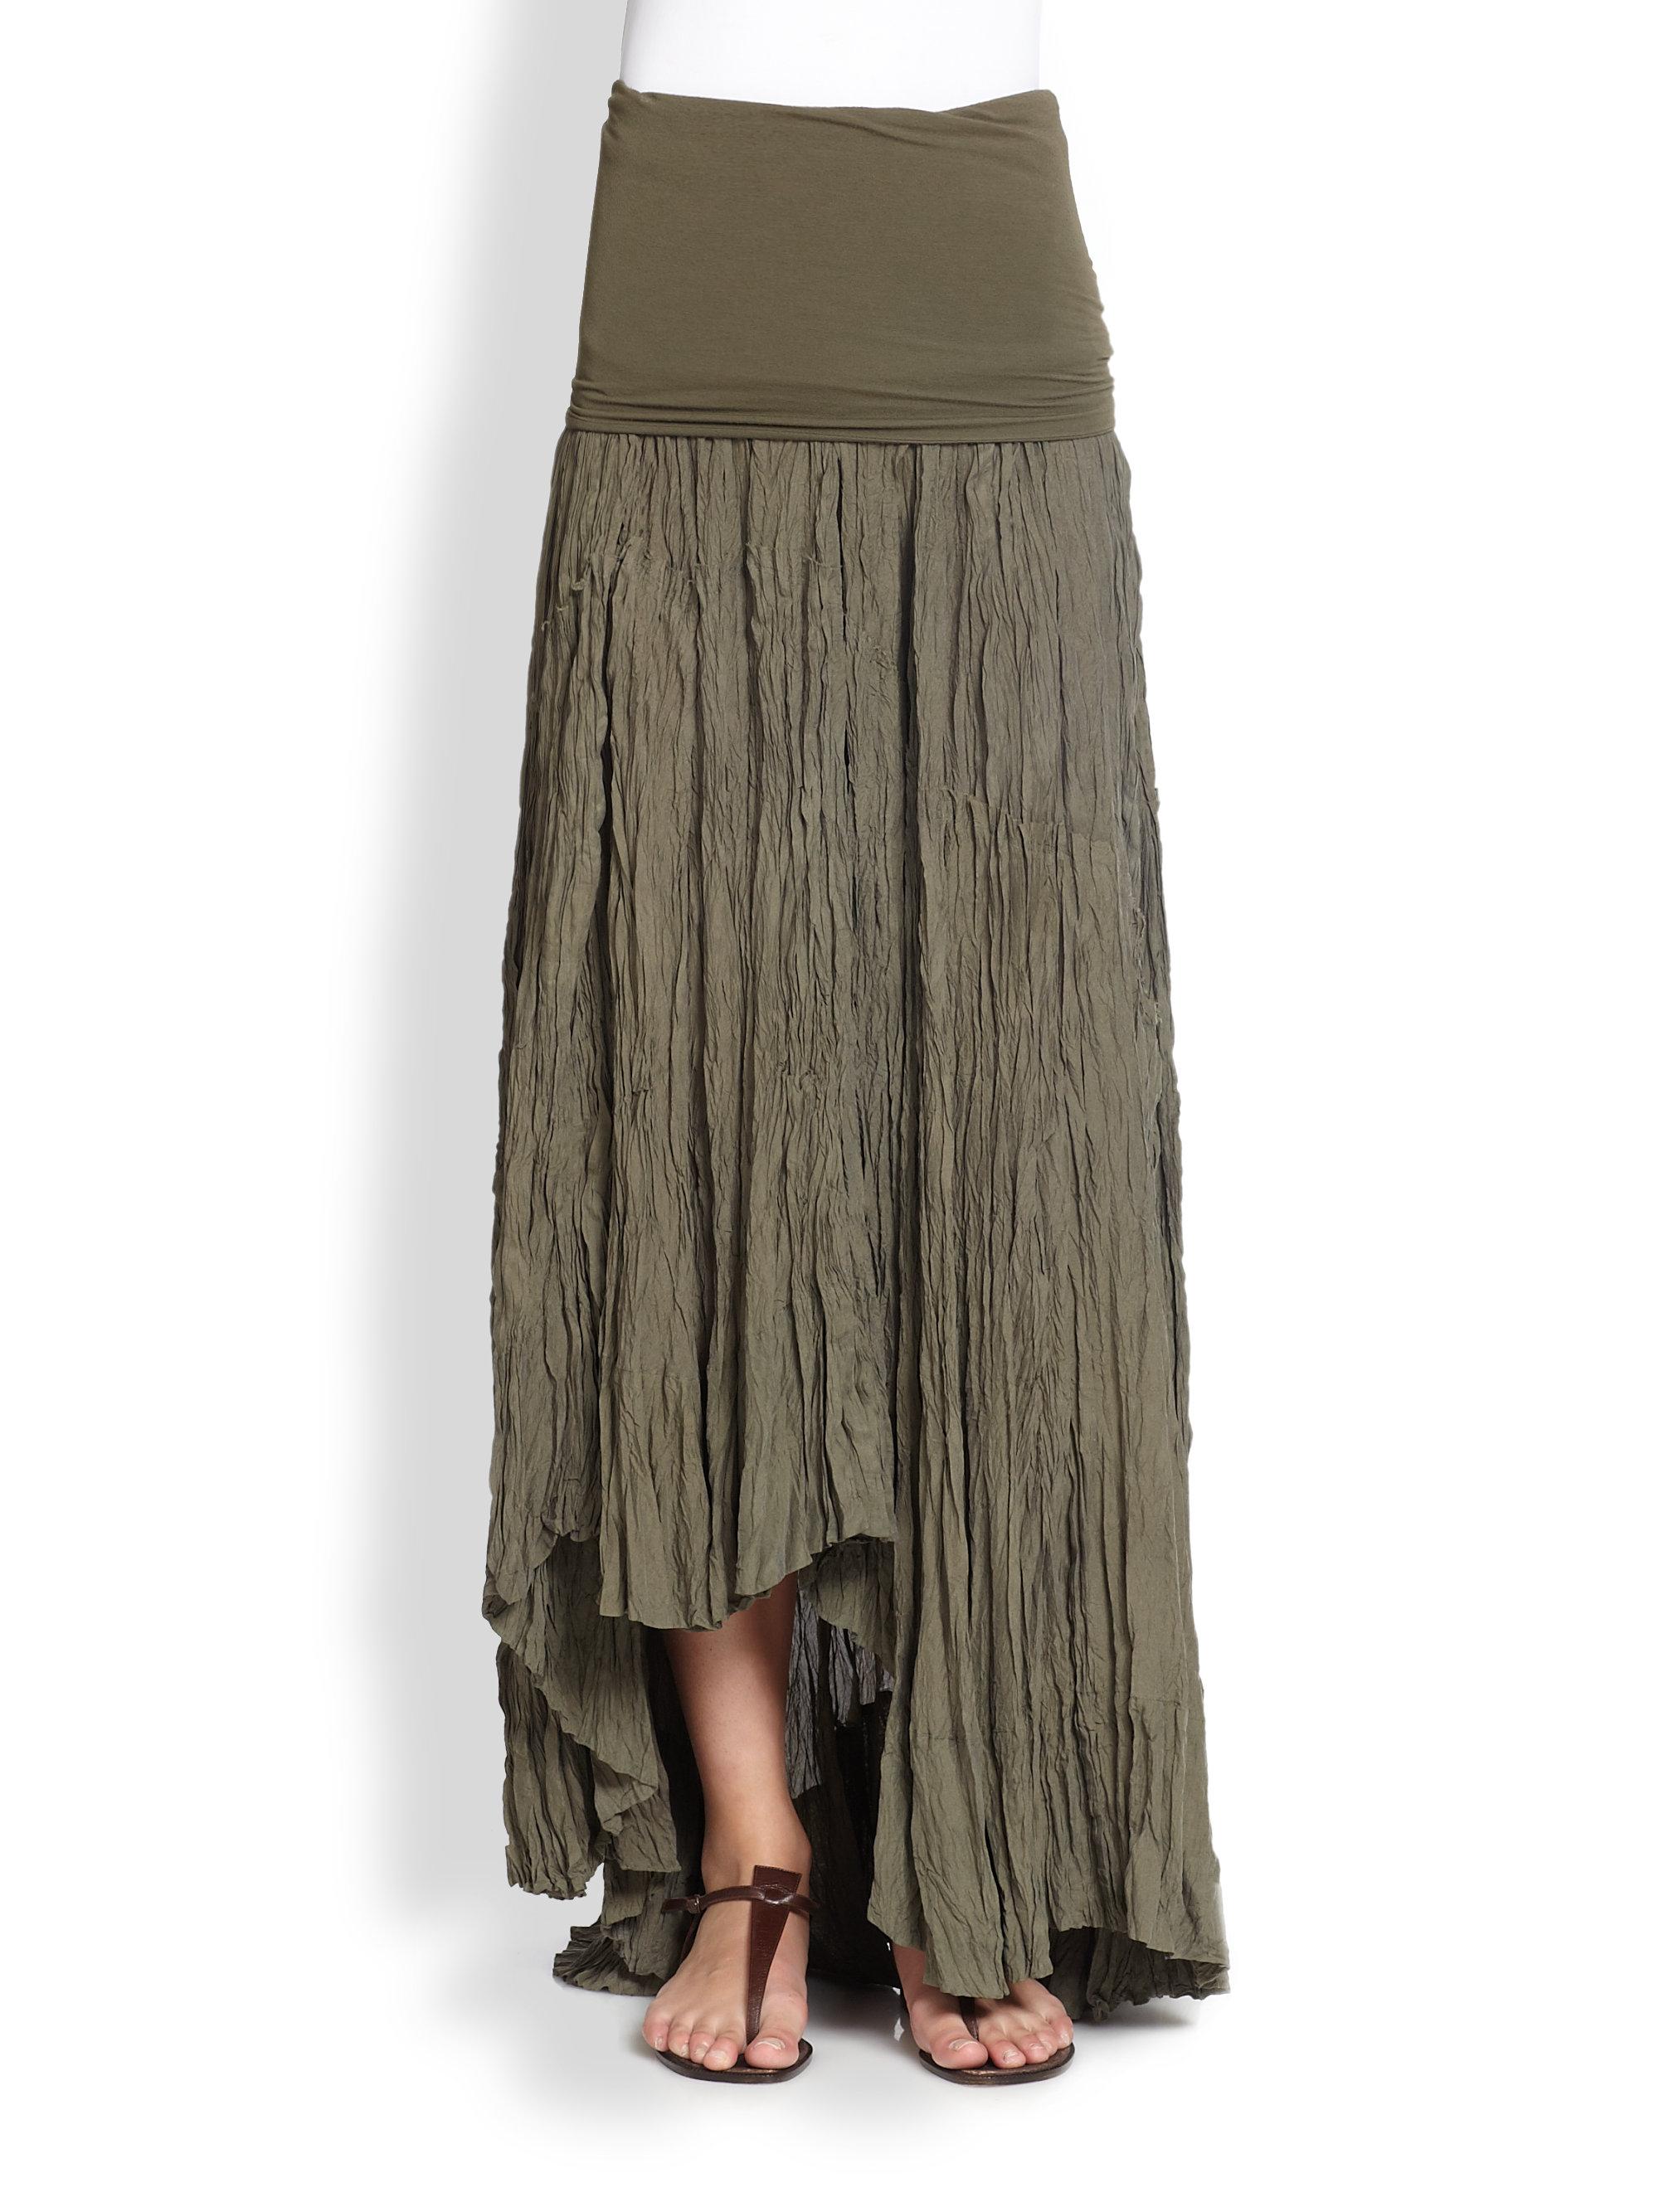 Black Broom Skirt 78